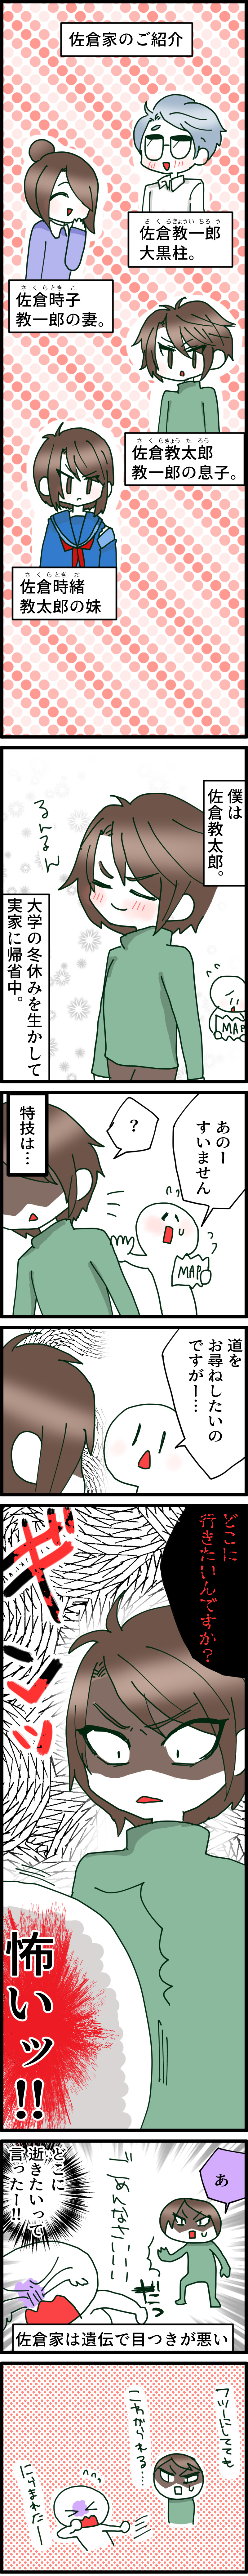 佐倉家の事情1話